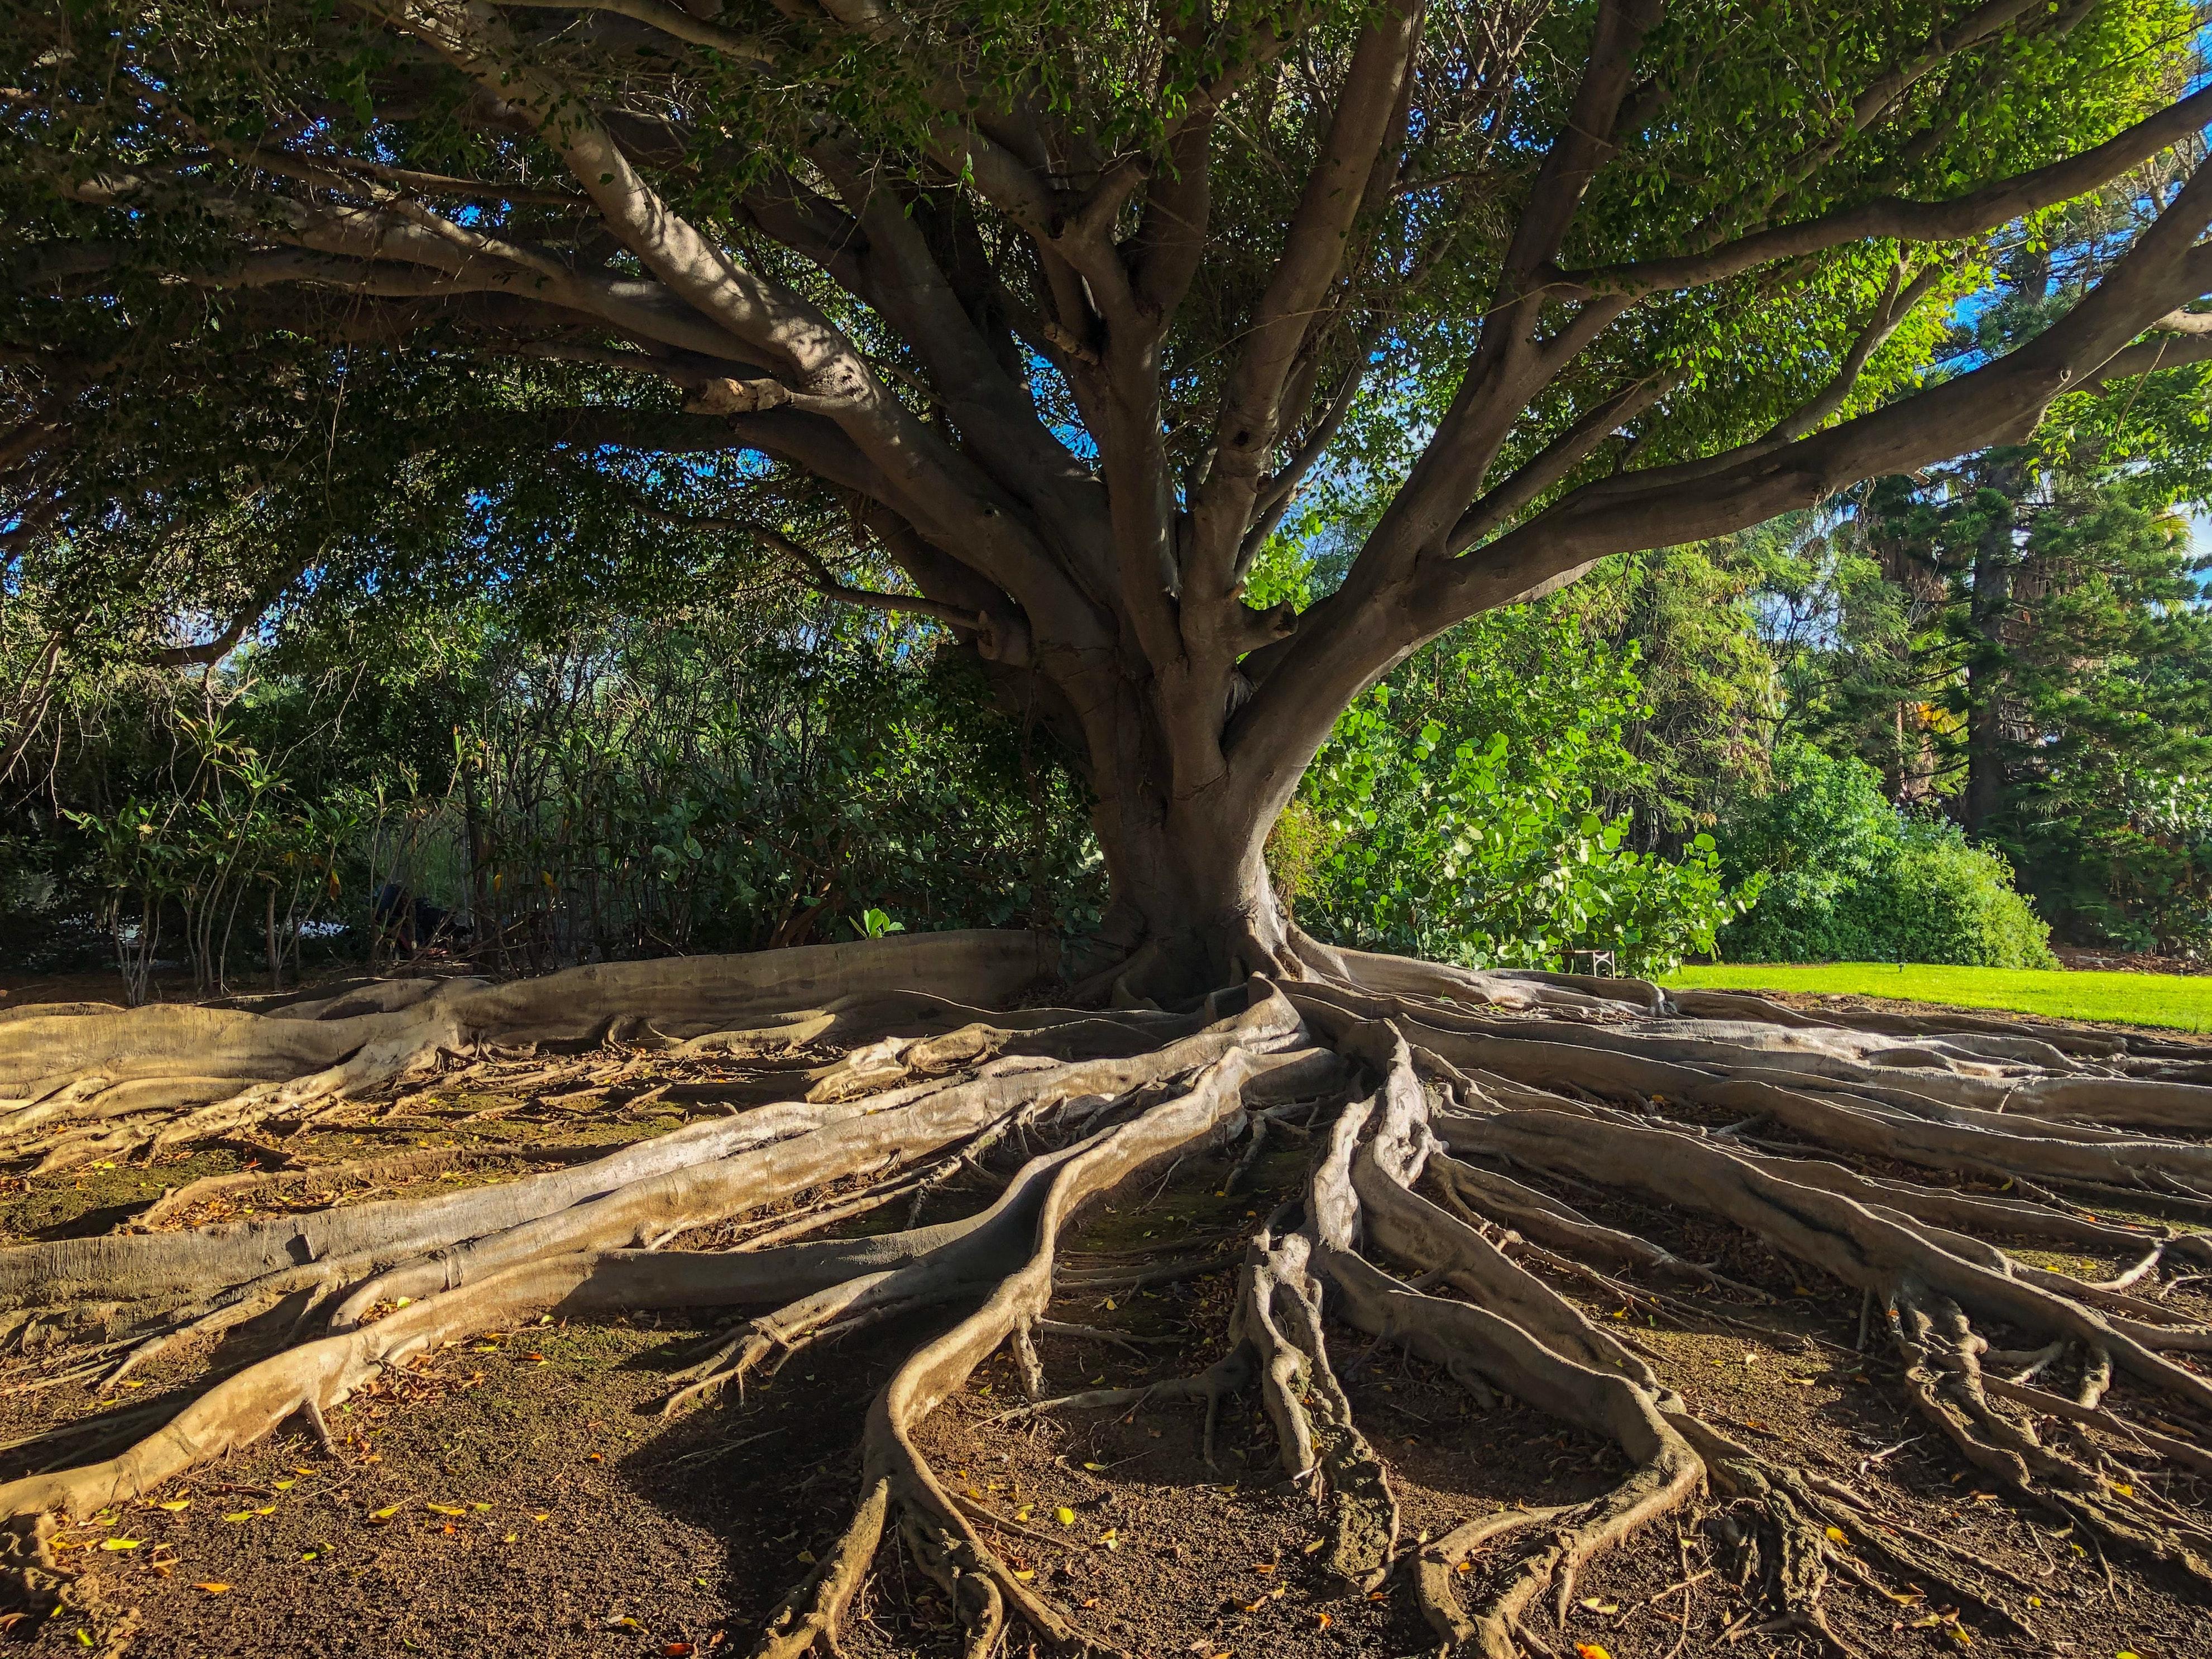 Kohti pitkäjänteistä, systemaattista ennakointia ekosysteemisessä yhteistyössä